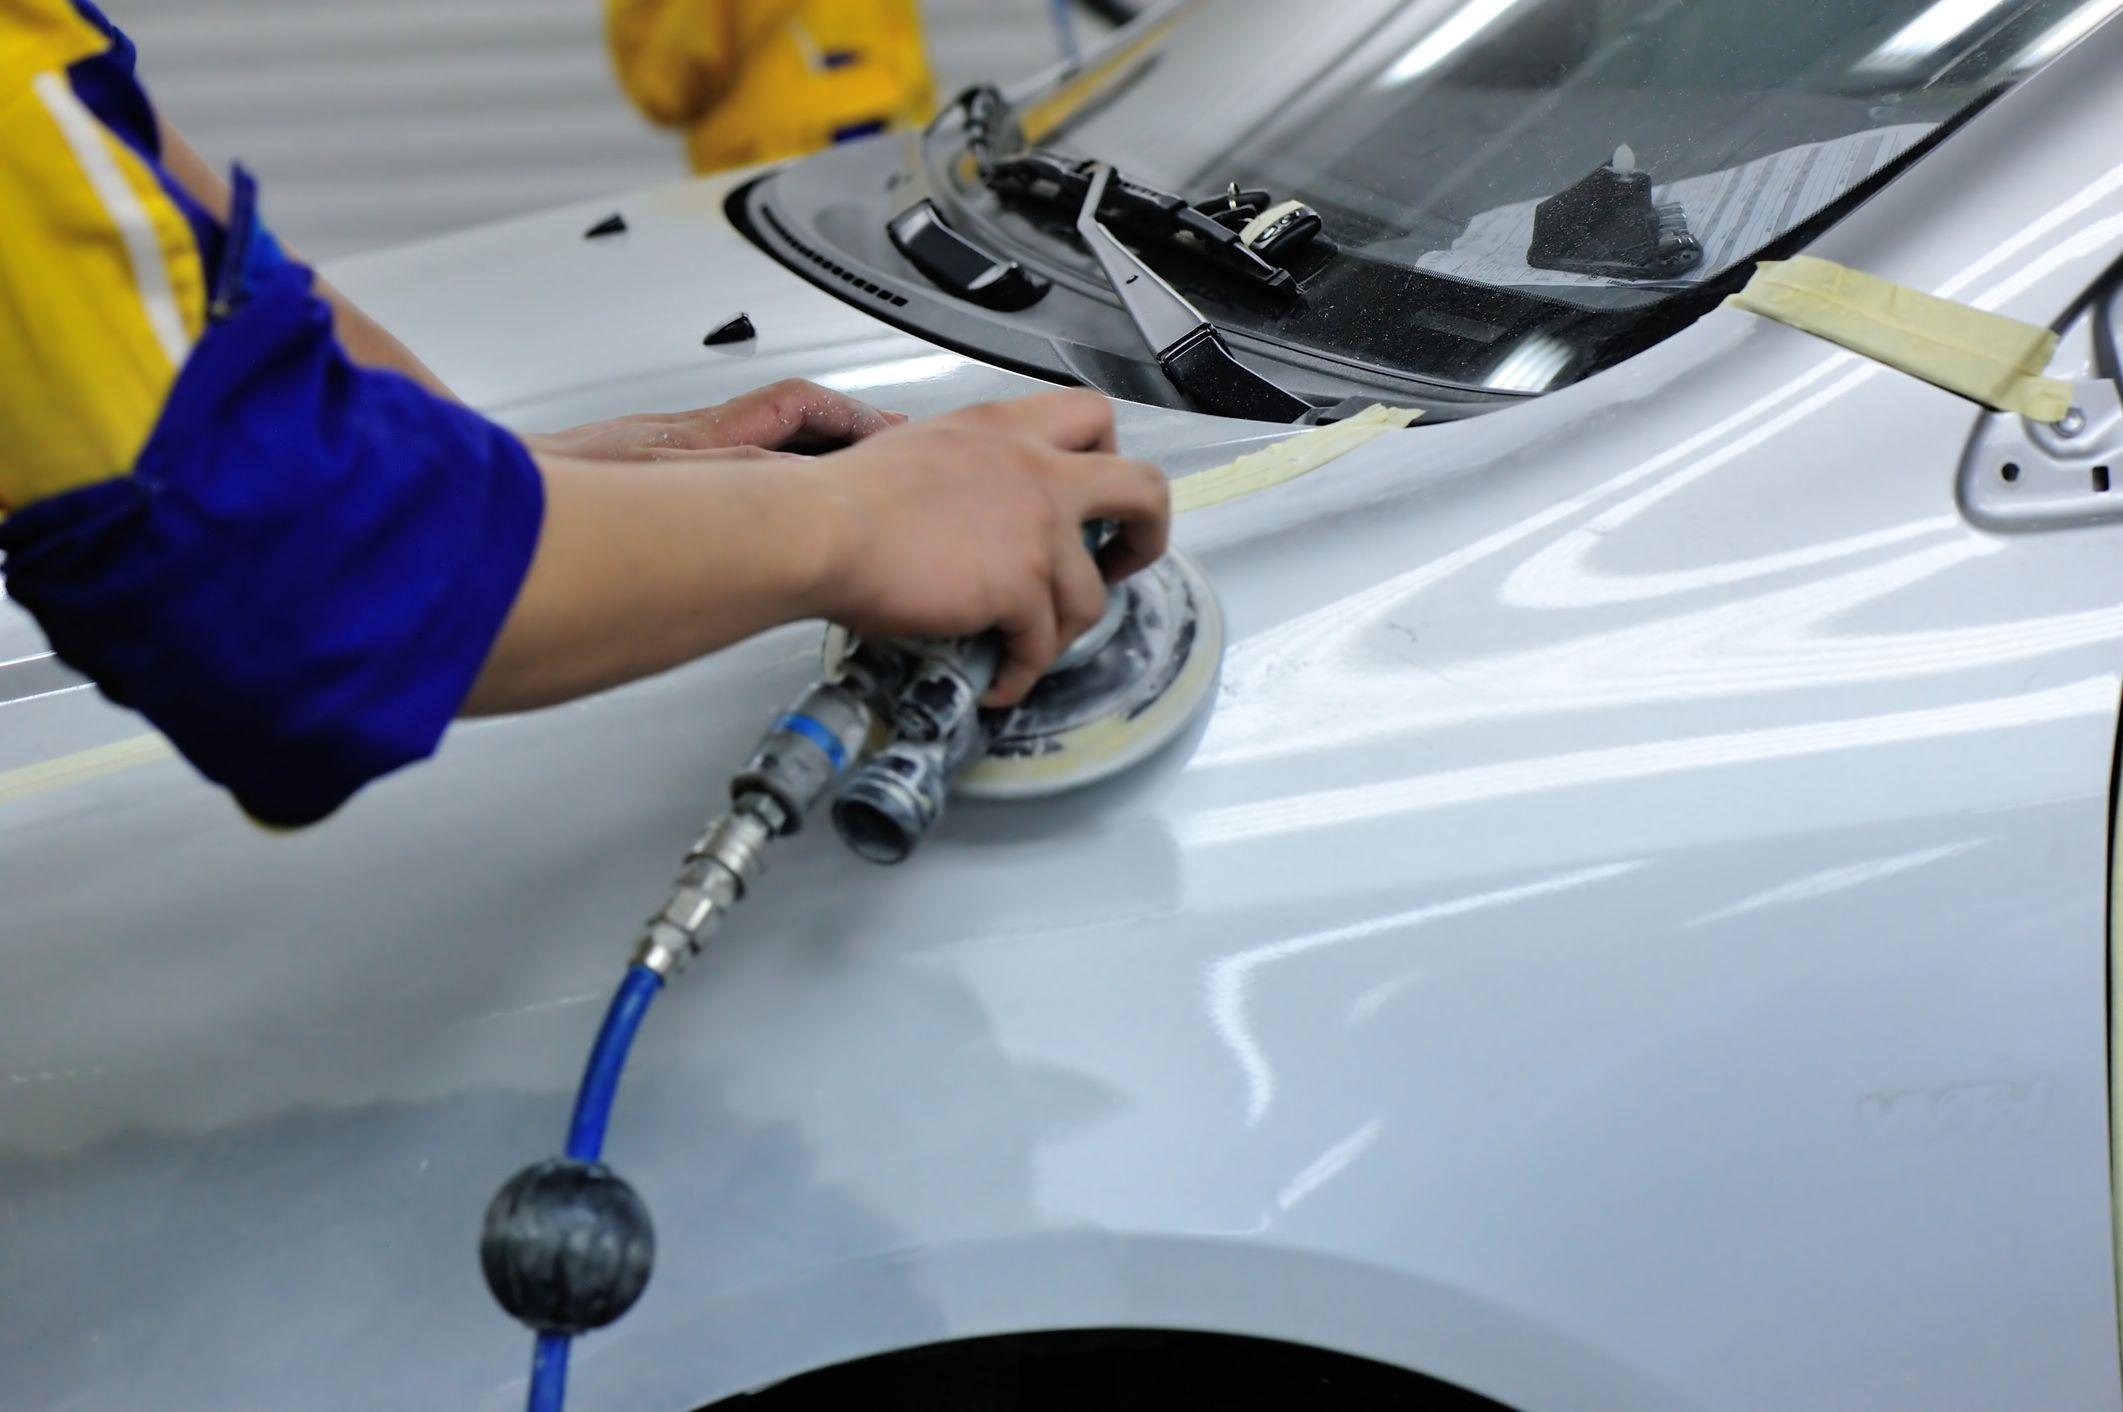 Audi Body Repair Shop Burlingame Auto body repair, Auto